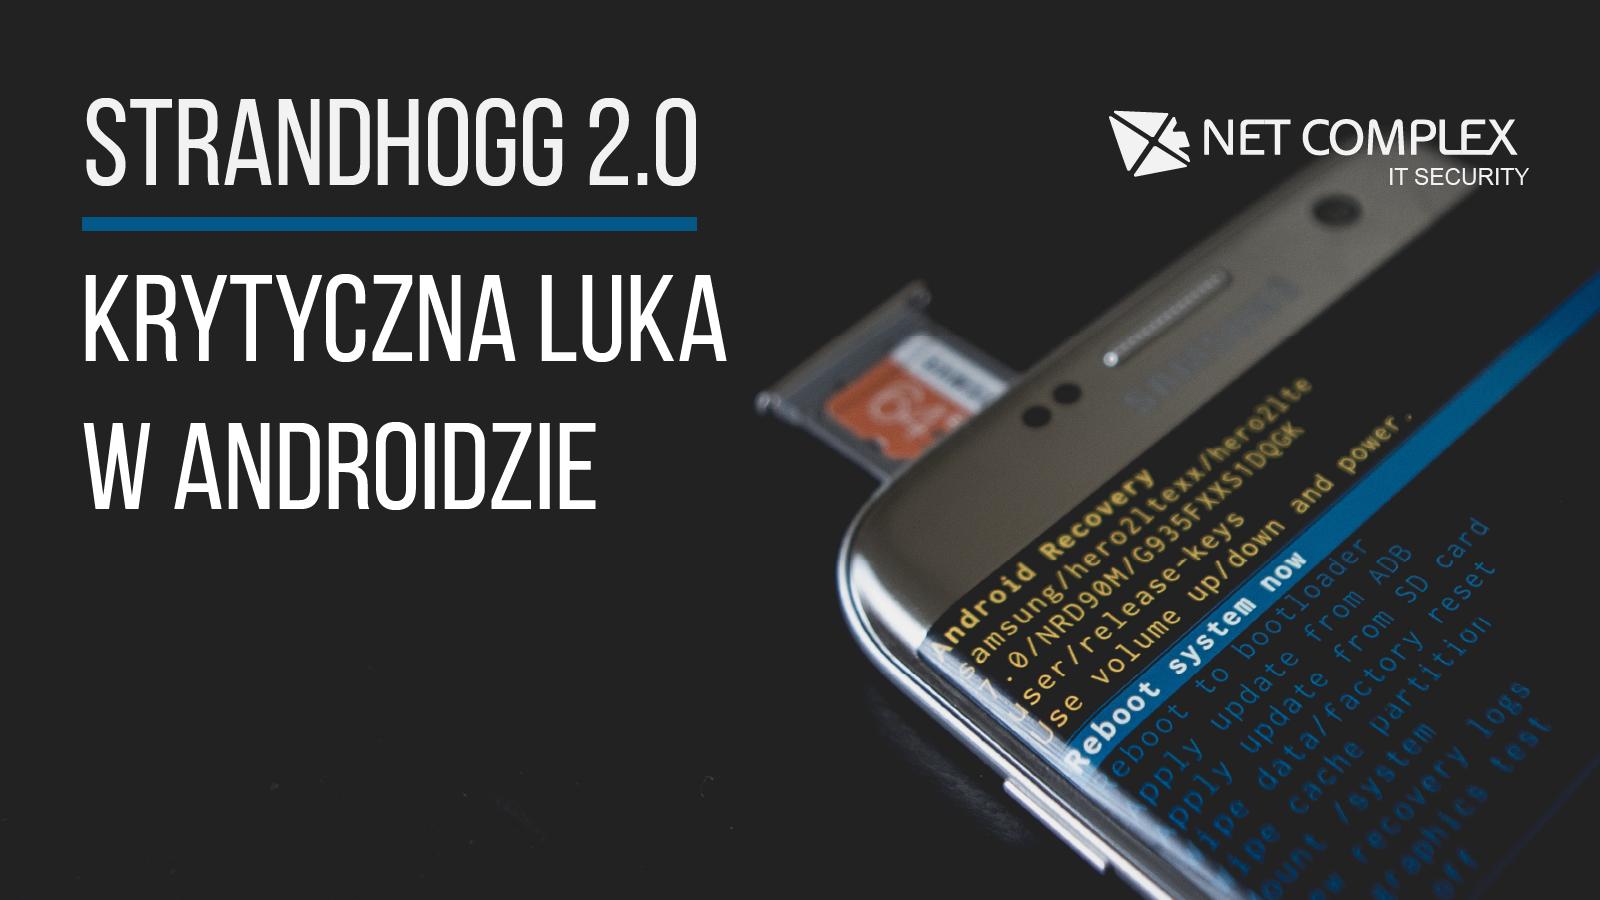 StrandHogg 2.0 może umożliwić przejęcie kontroli nad smartfonem